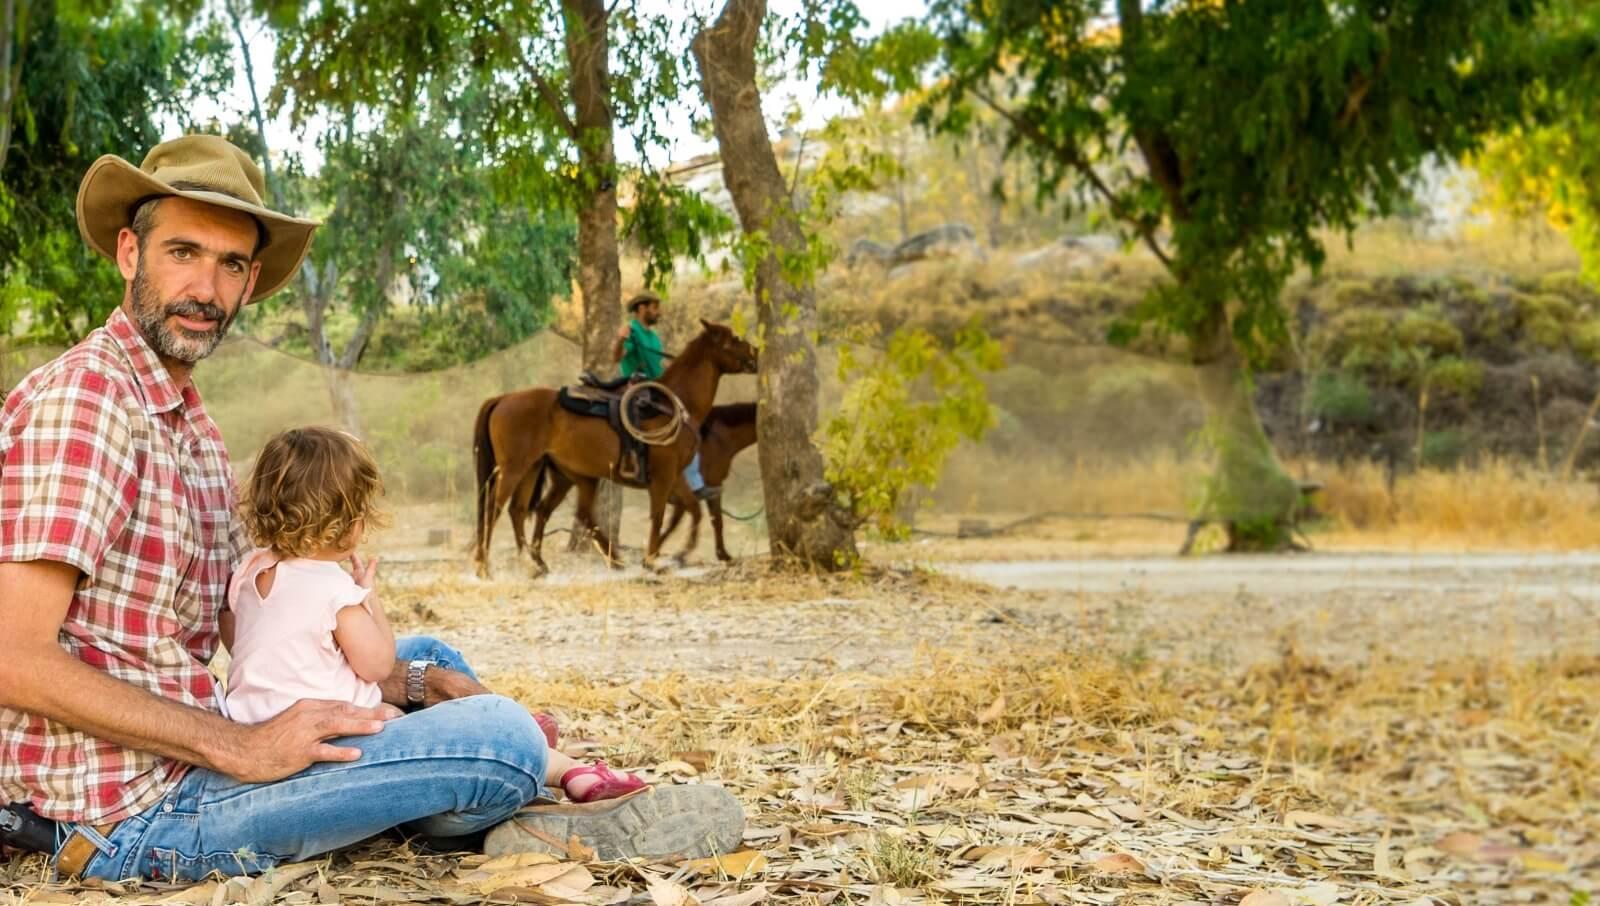 אודי-לבנון-חוות-סוסים-קרדיט-לא-צריך-מכווץ